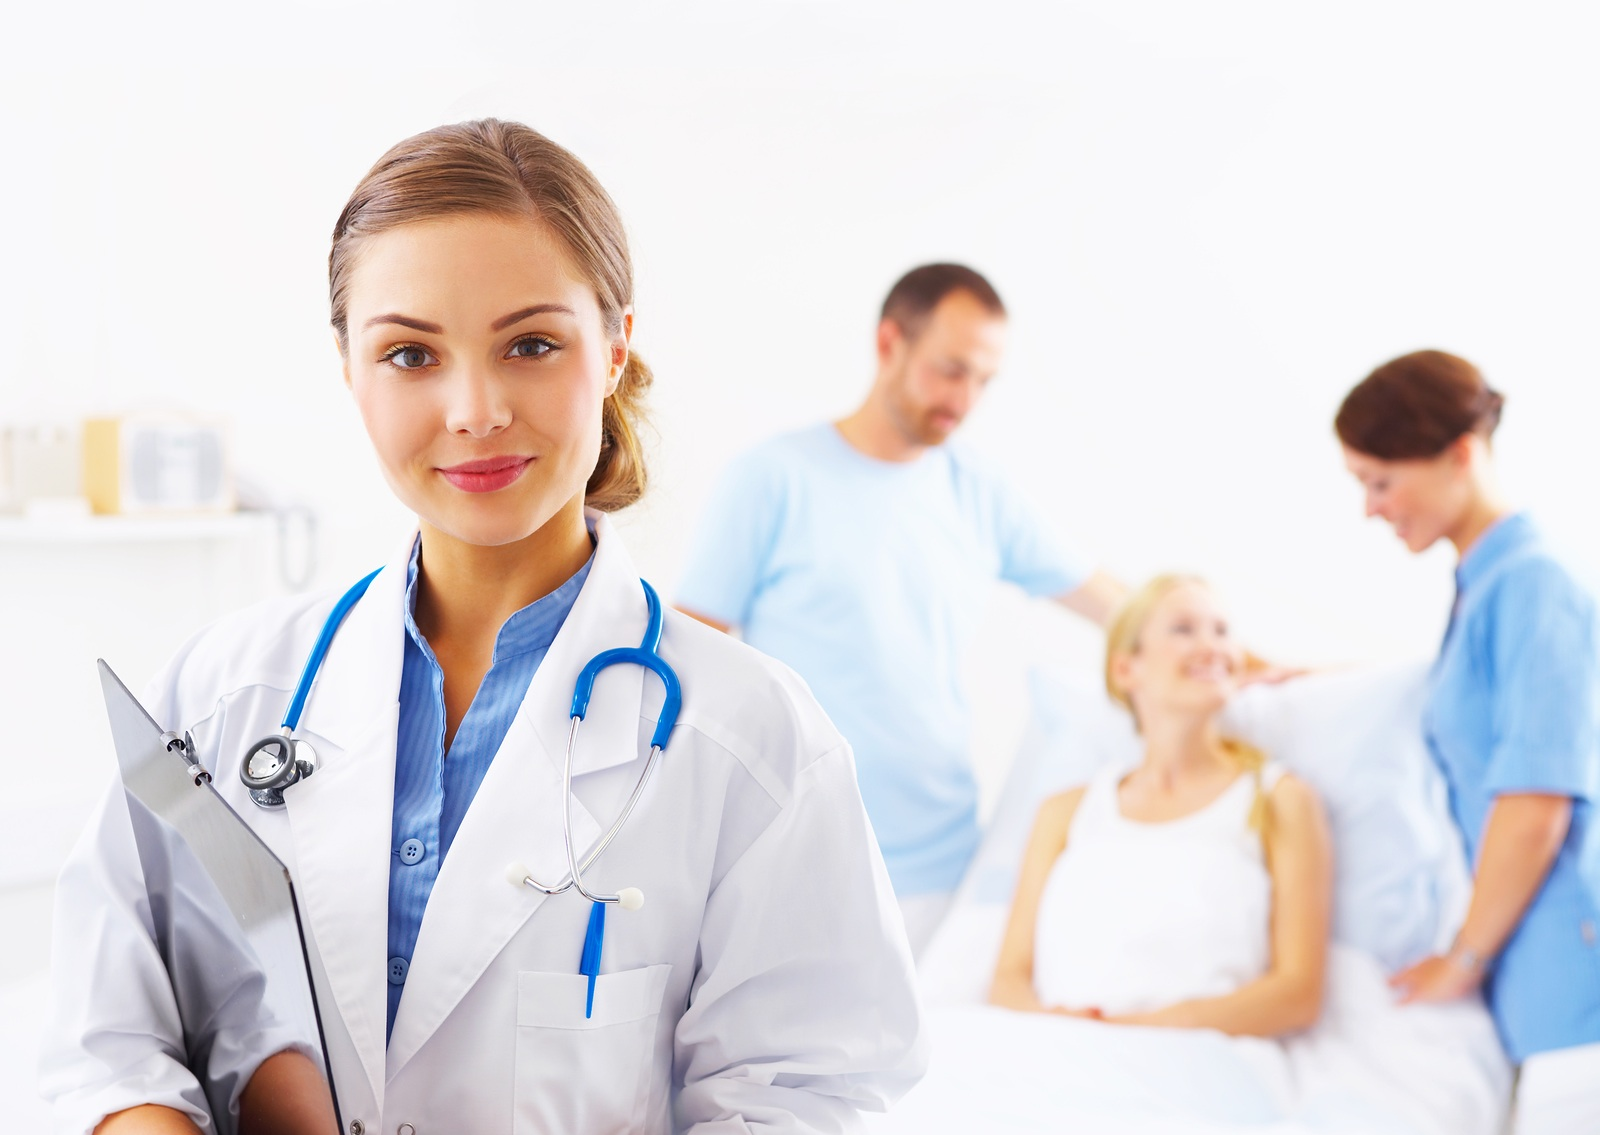 rispetto_paziente_giovani_medici2